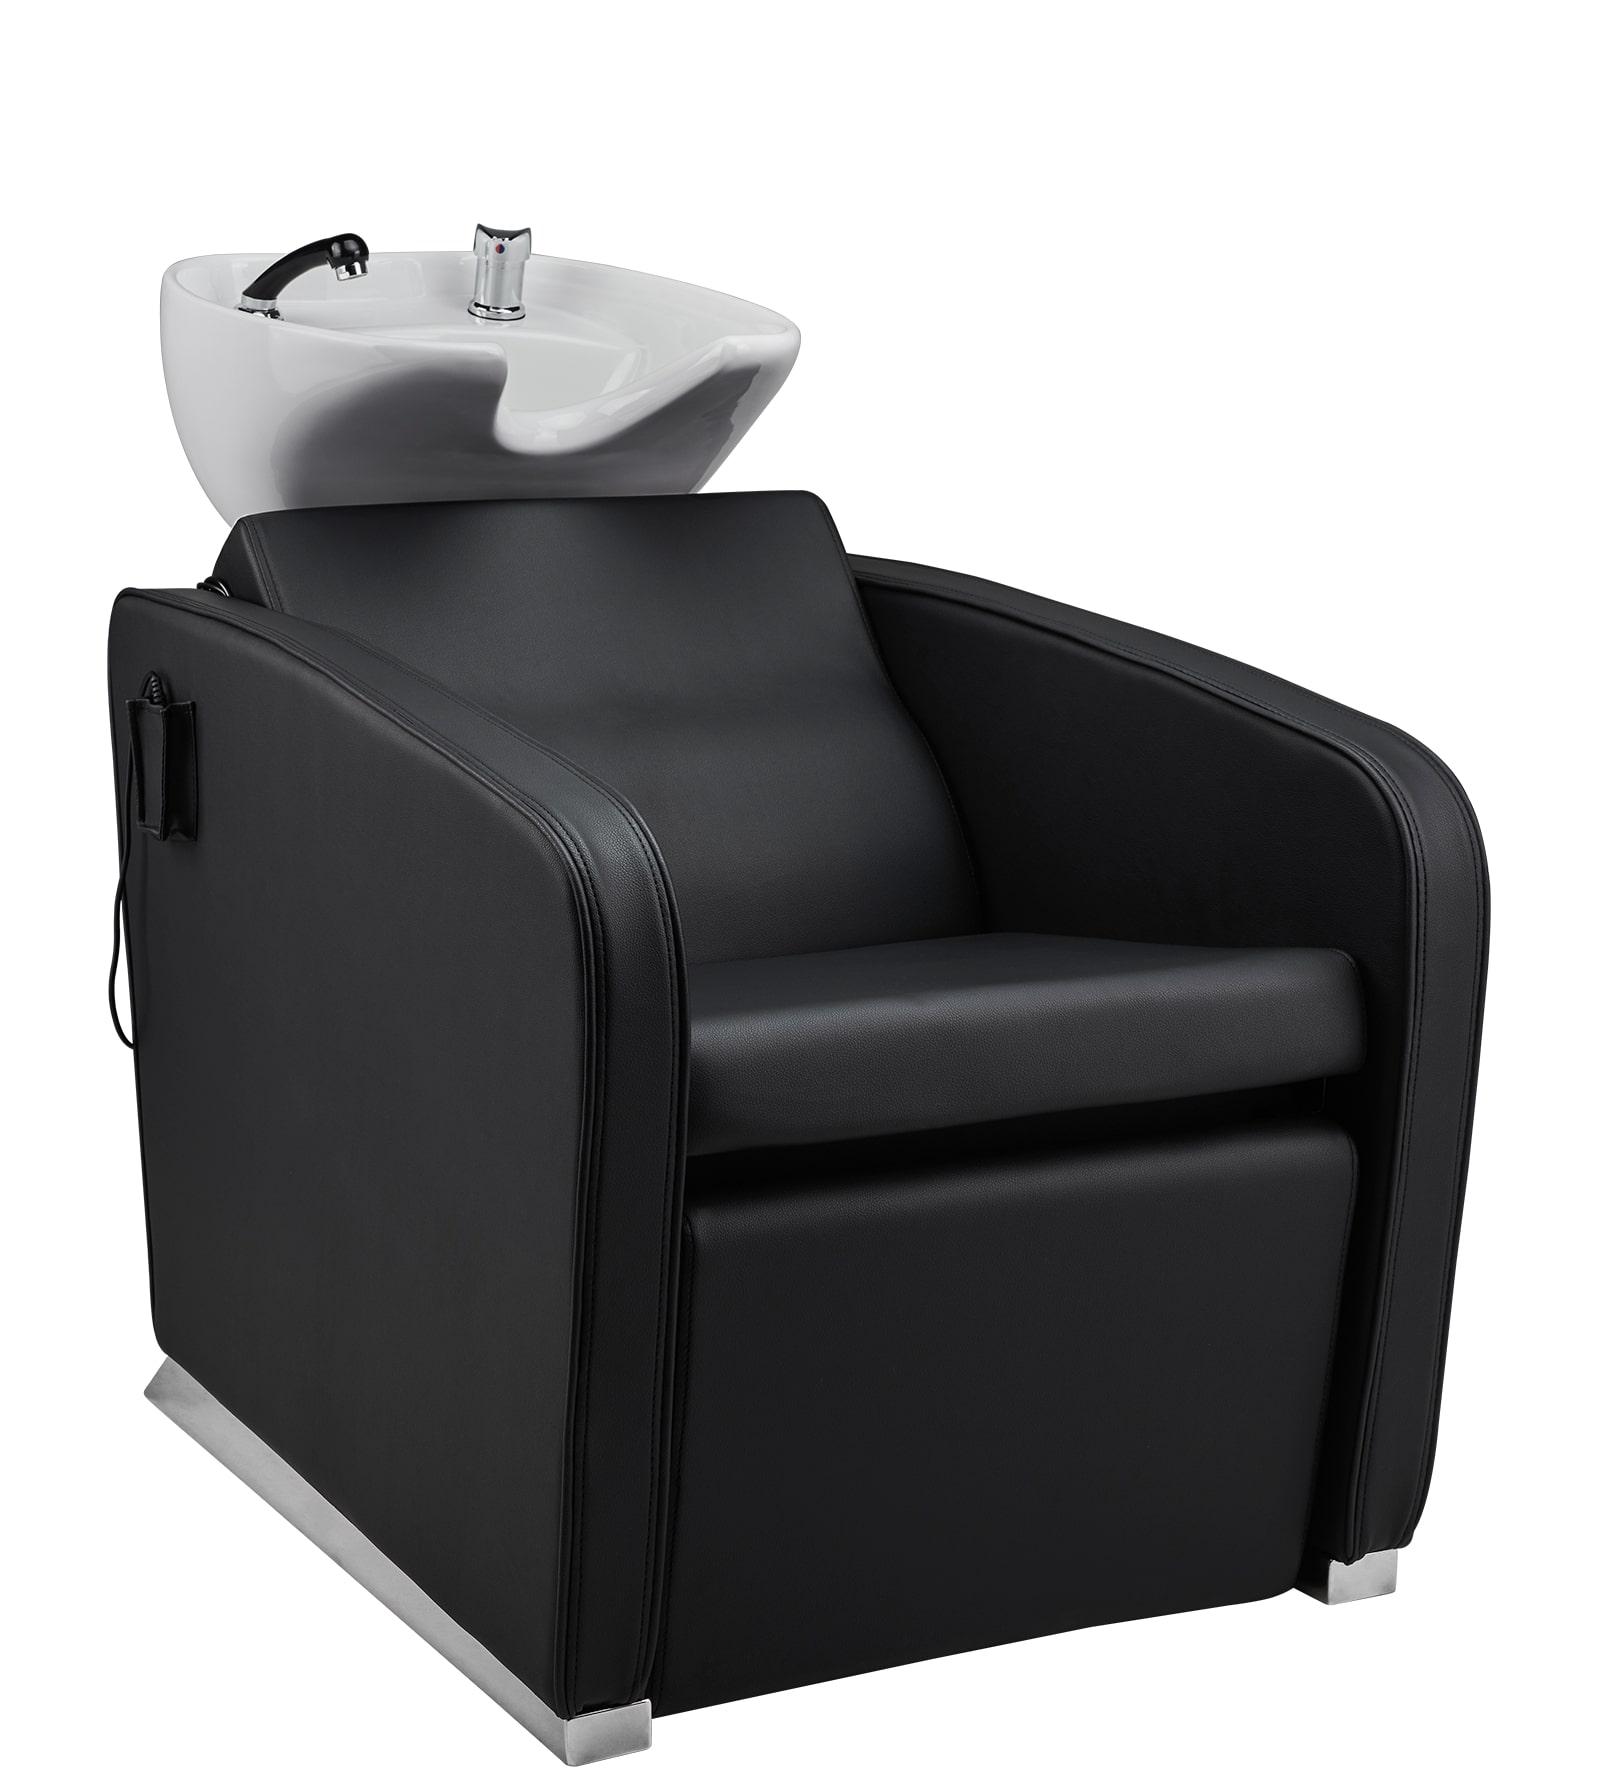 Super Salon Aston - kadernícky umývací box s elektricky ovládanou opierkou na nohy + Ragnar Galaxy - strihací strojček